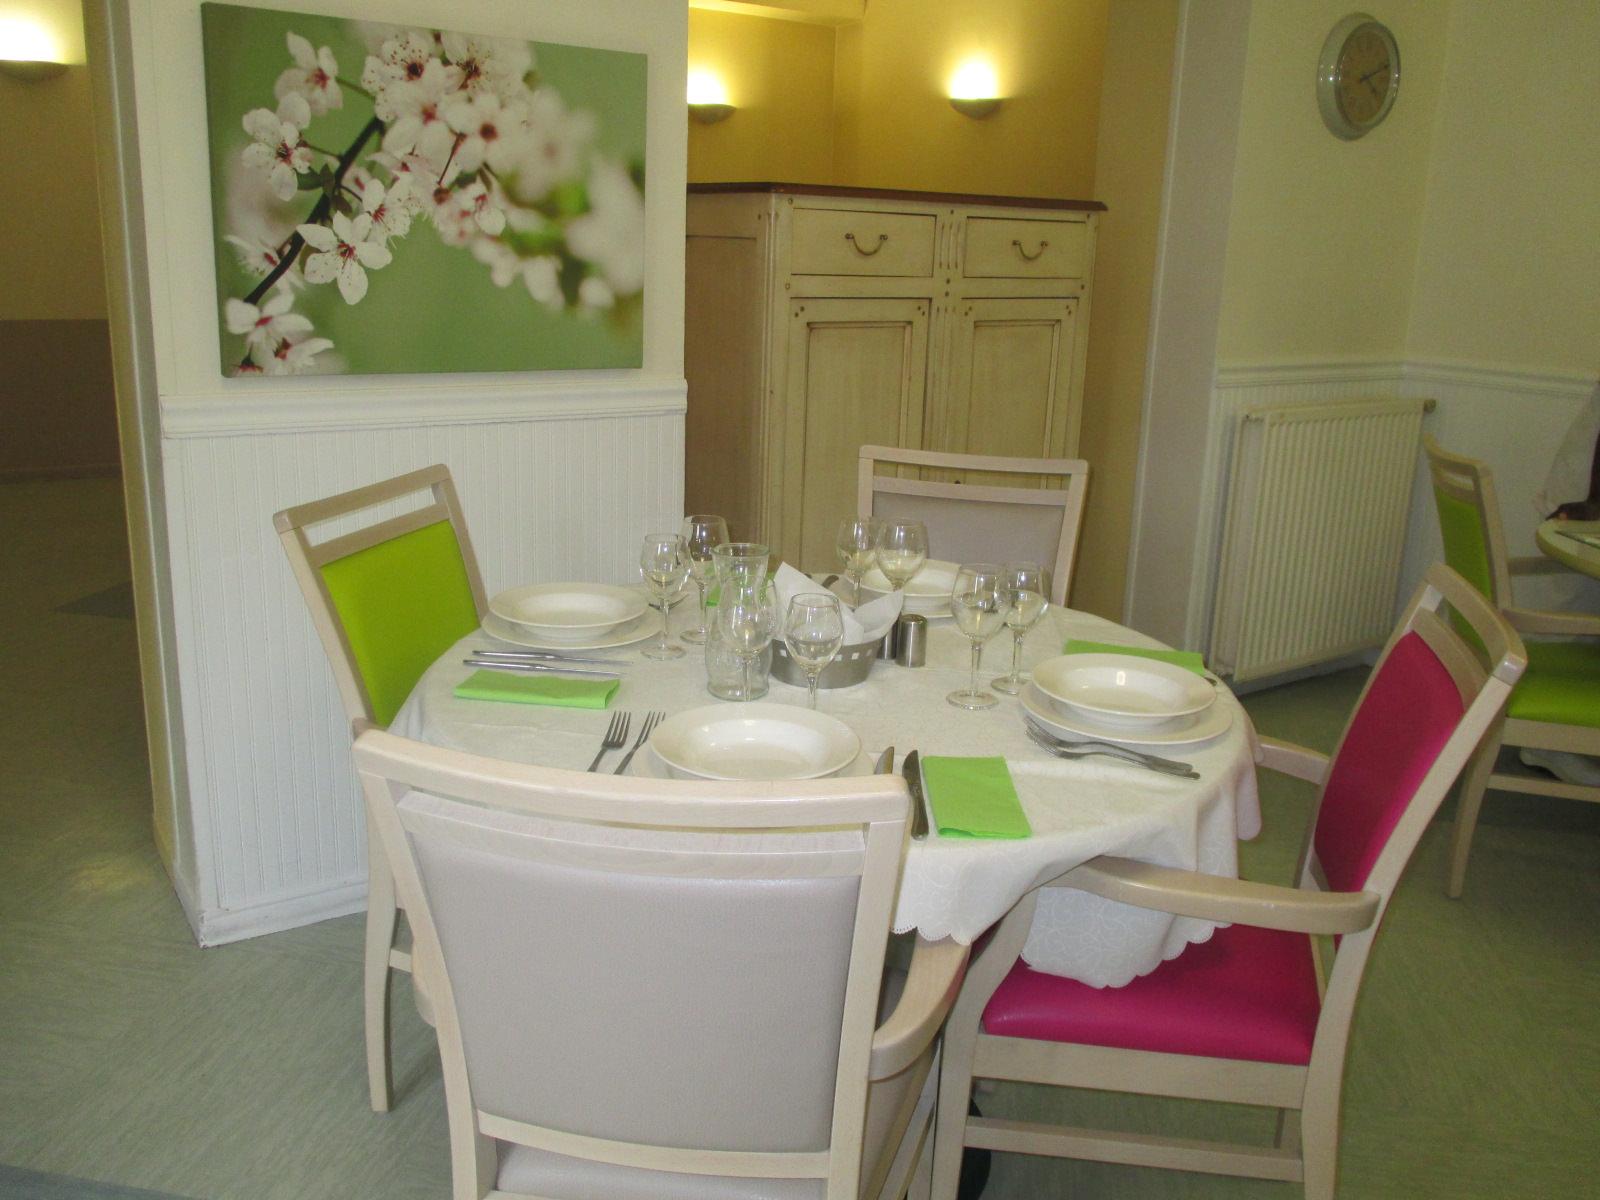 maison de retraite korian les acacias colombes 92. Black Bedroom Furniture Sets. Home Design Ideas